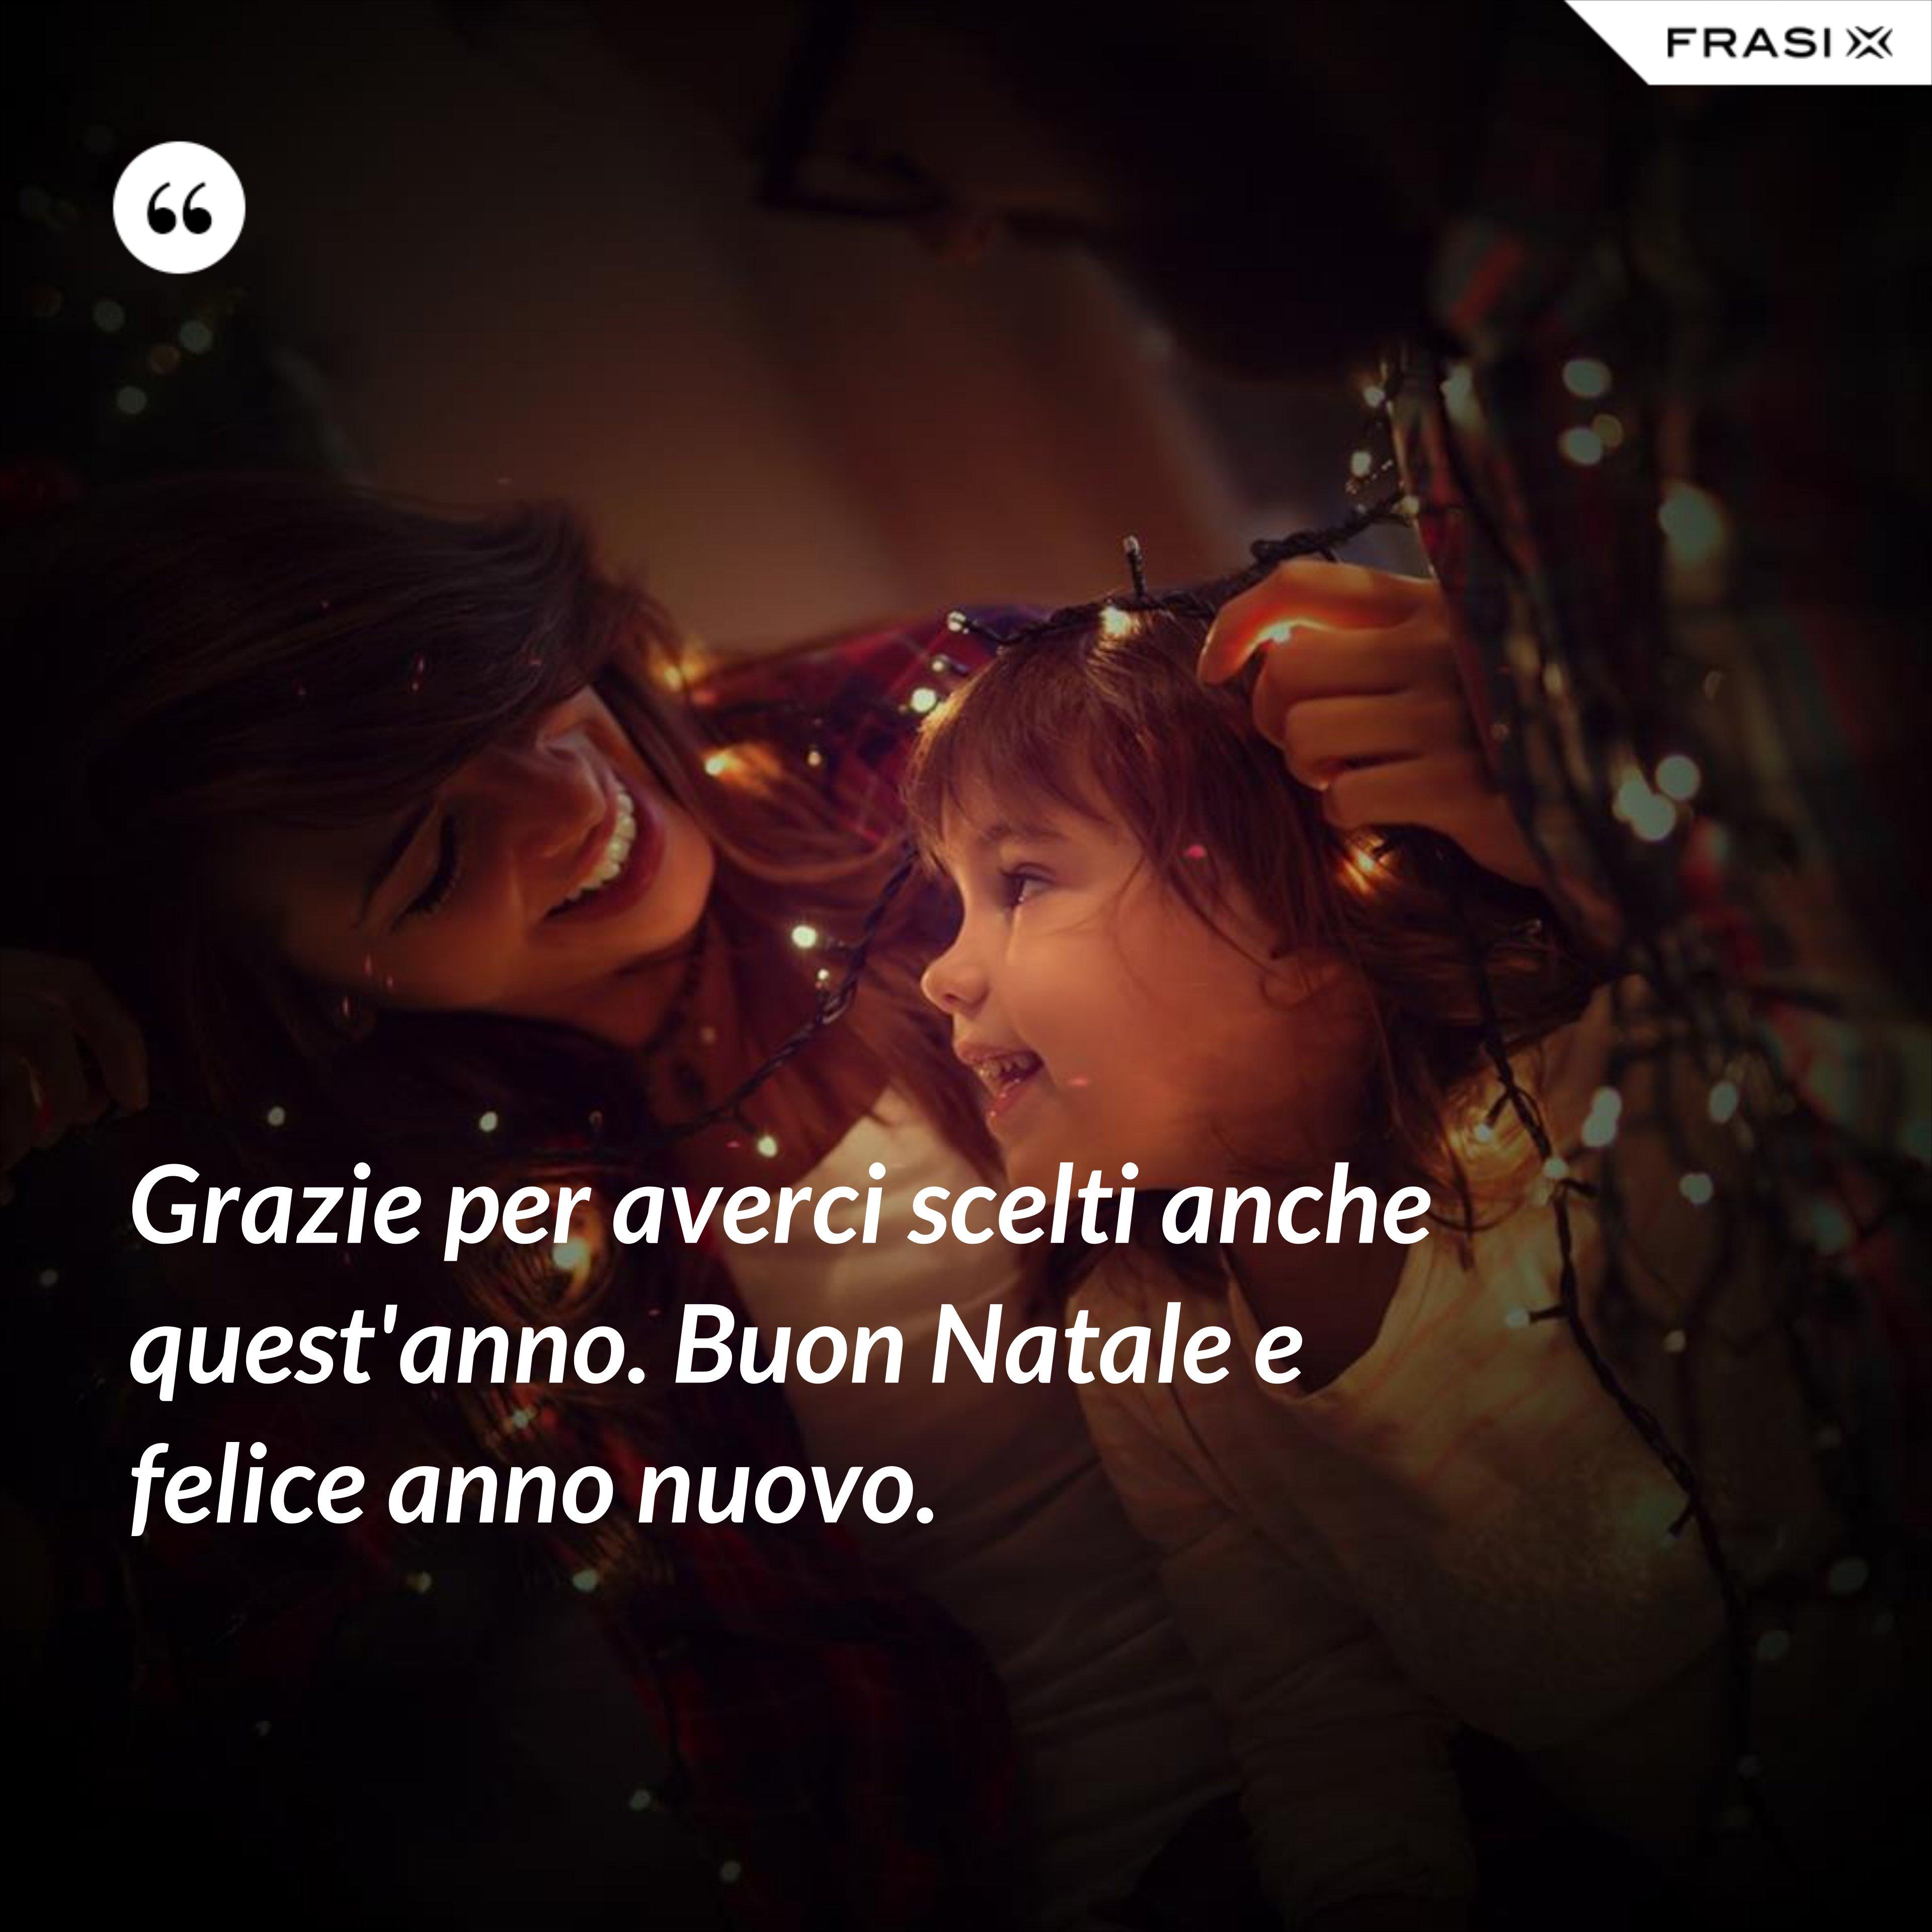 Grazie per averci scelti anche quest'anno. Buon Natale e felice anno nuovo. - Anonimo